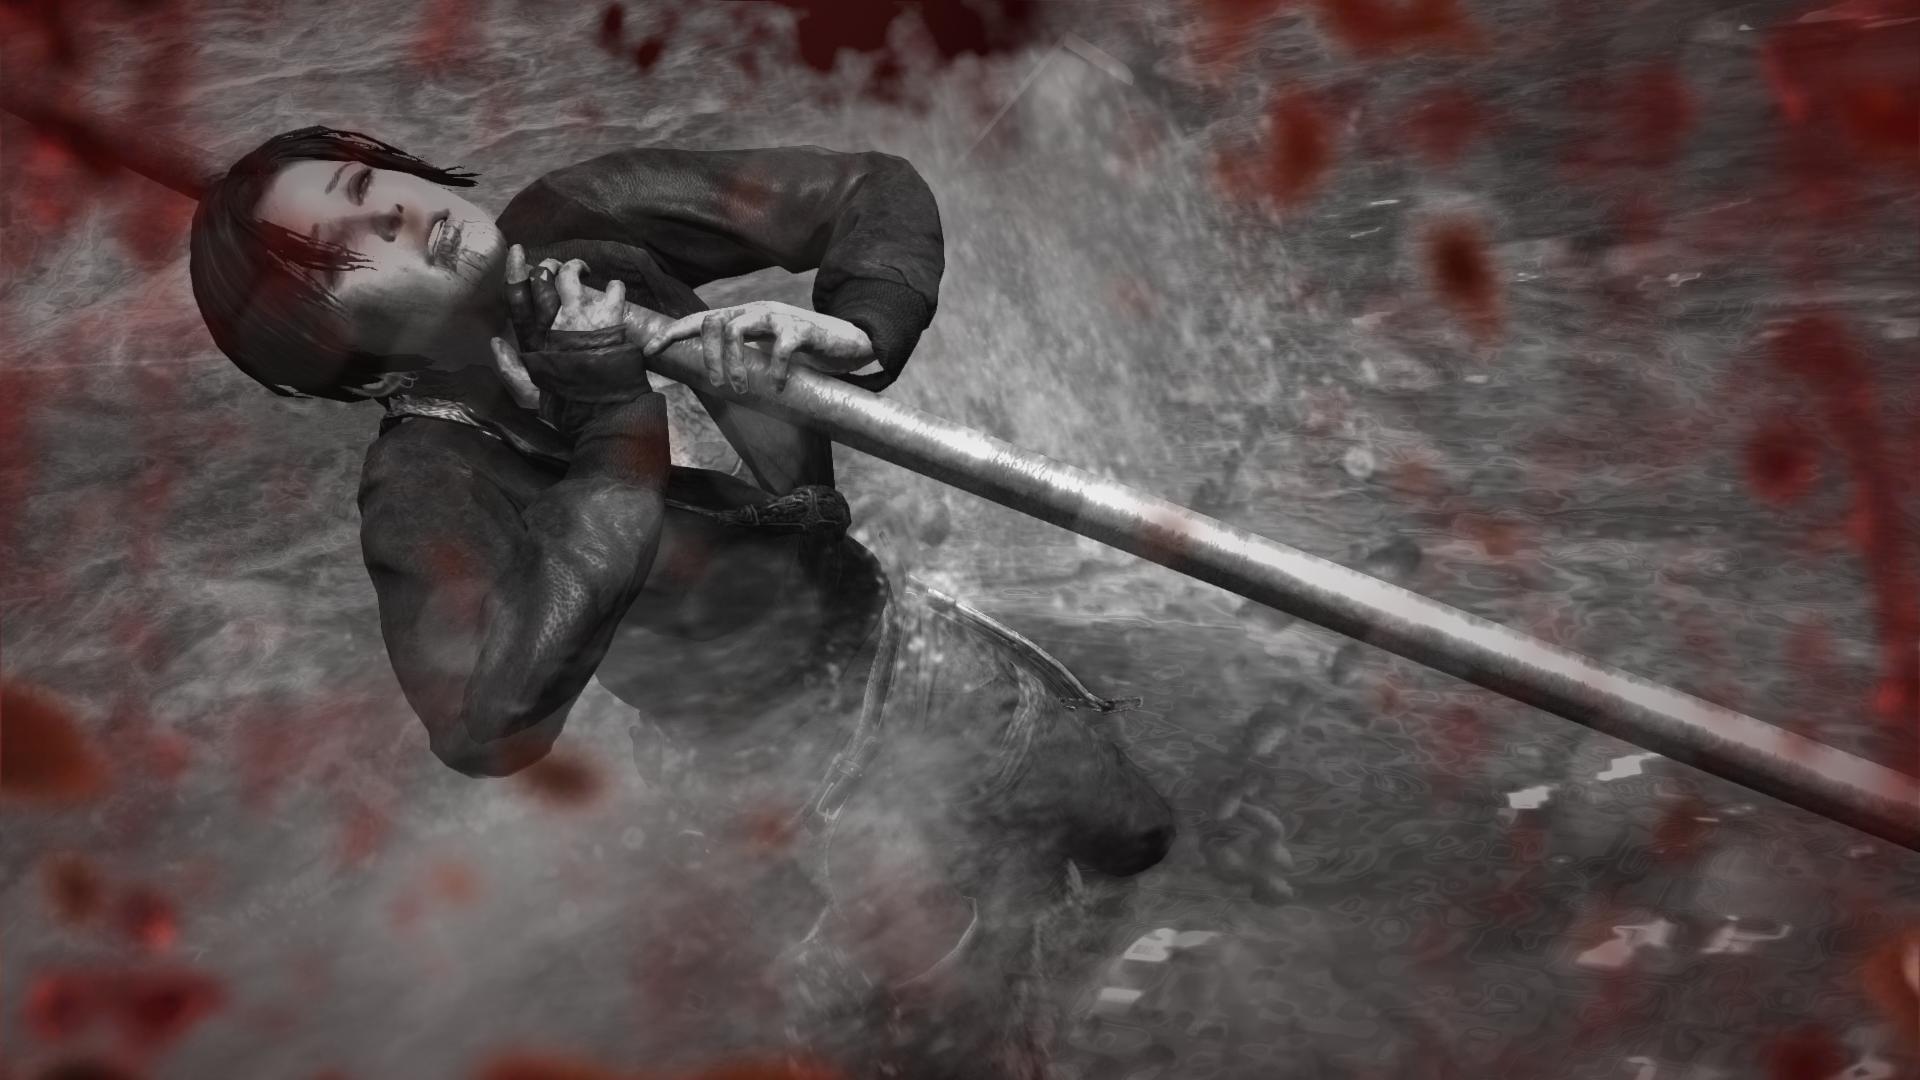 Tomb Raider Lara Croft Death Die Brutal Water Wallpaper 1920x1080 392642 Wallpaperup